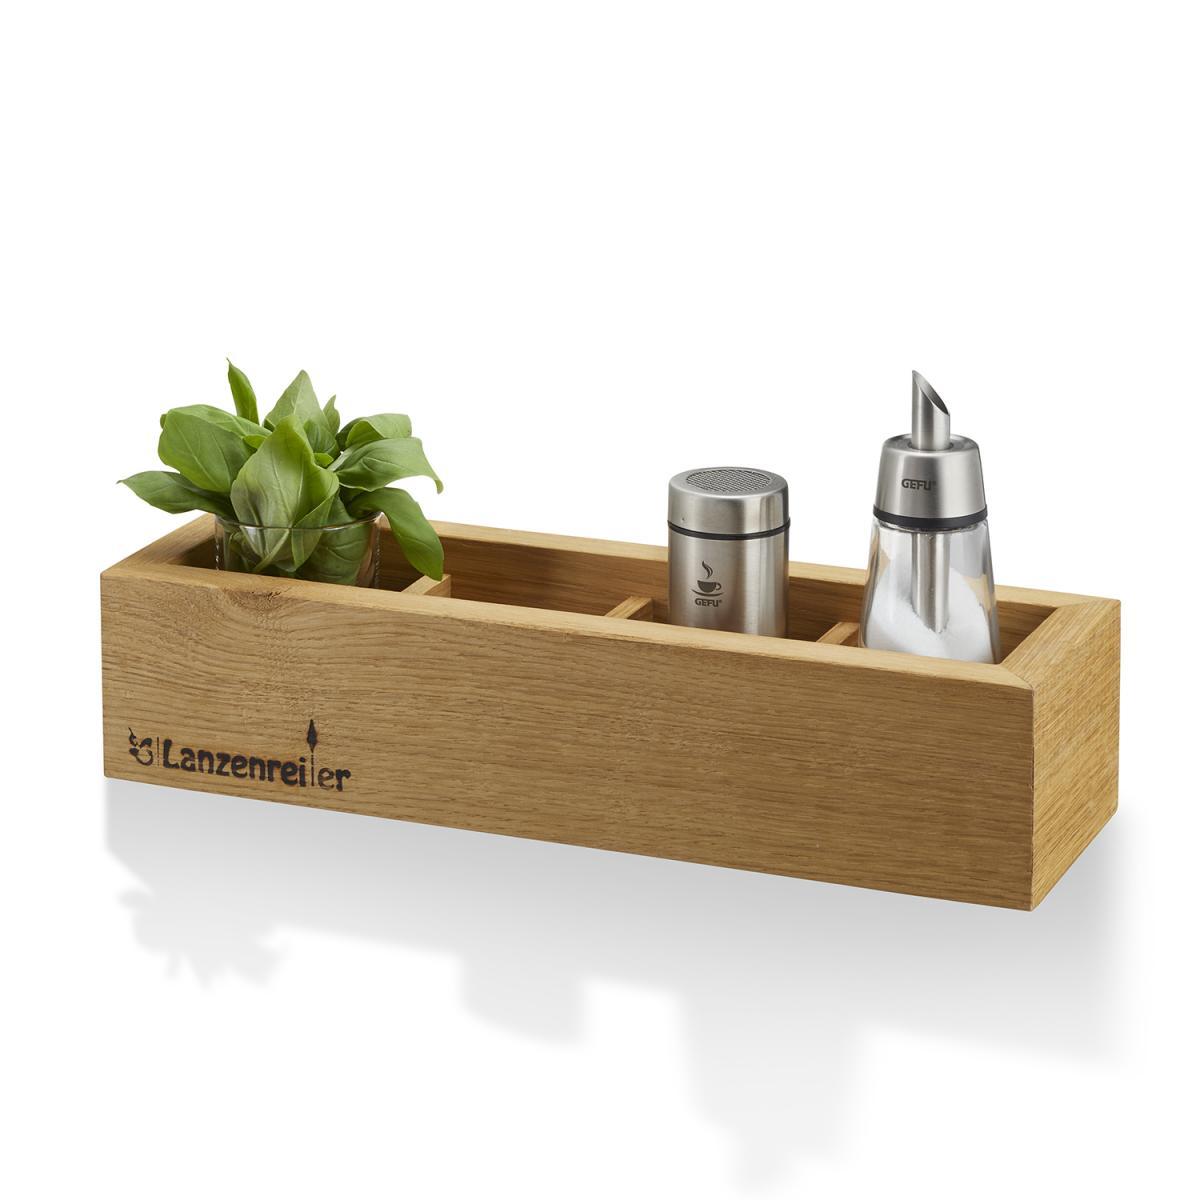 Deko-Kiste 4 Fächer, Beispielbild